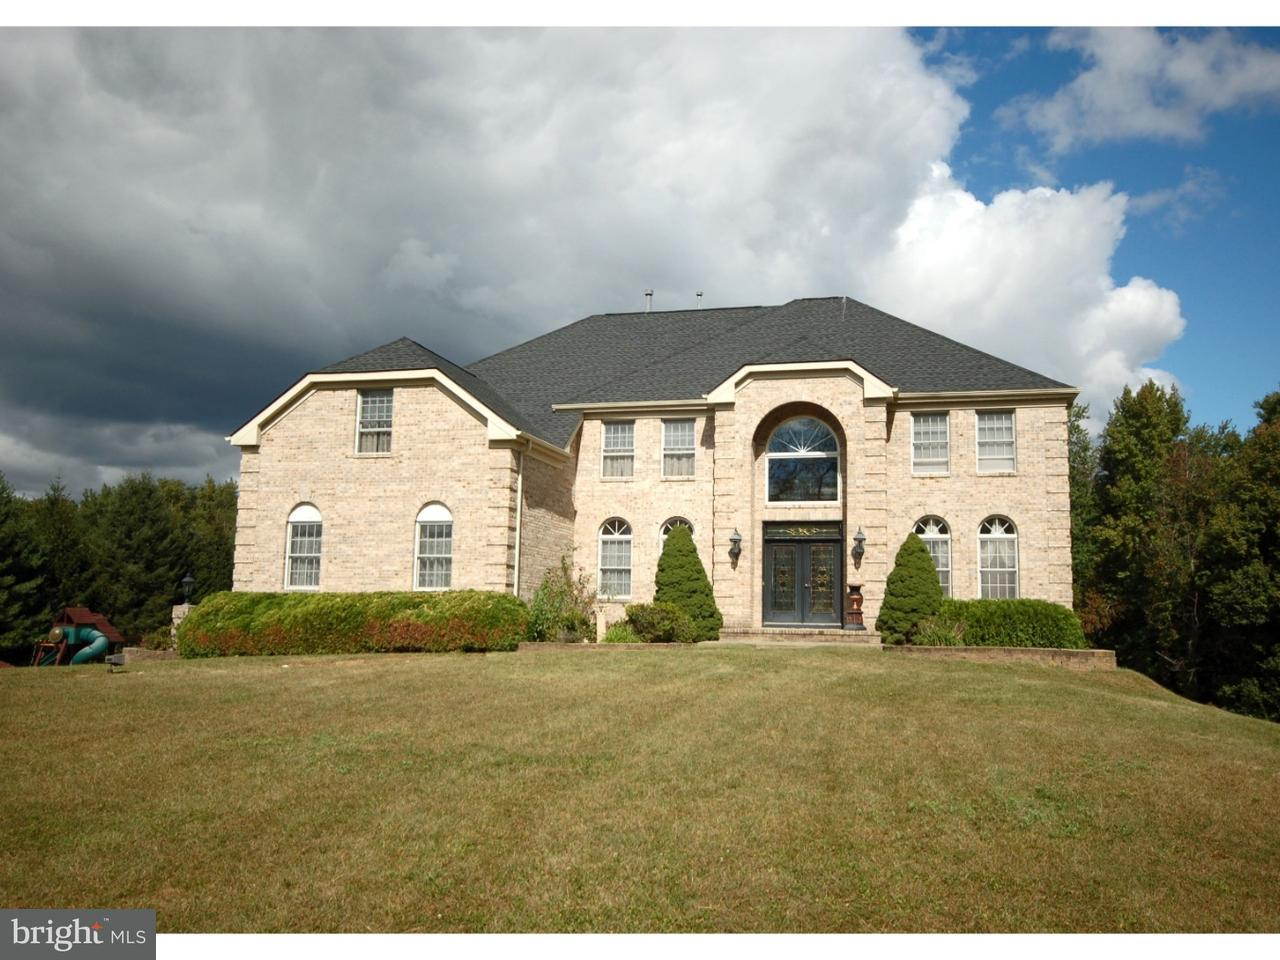 一戸建て のために 売買 アット 2 YEGER Drive Allentown, ニュージャージー 08501 アメリカ合衆国で/アラウンド: Upper Freehold Township